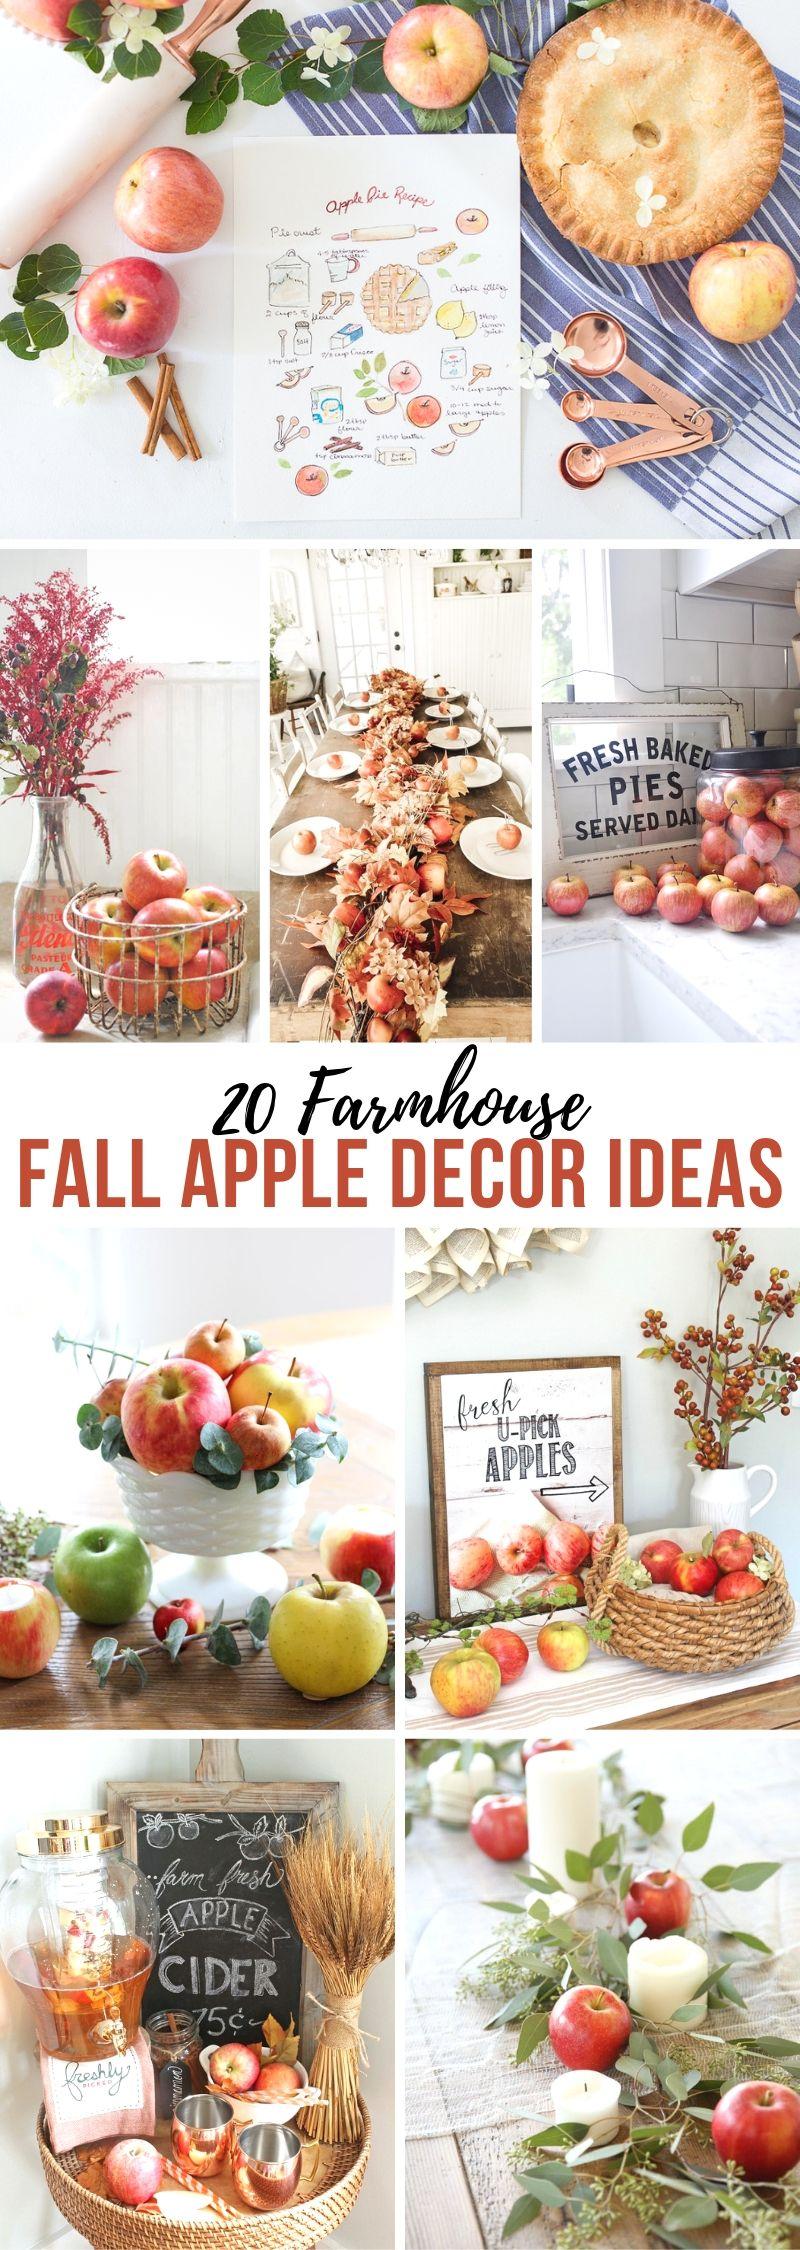 Farmhouse Fall Apple Decor Ideas